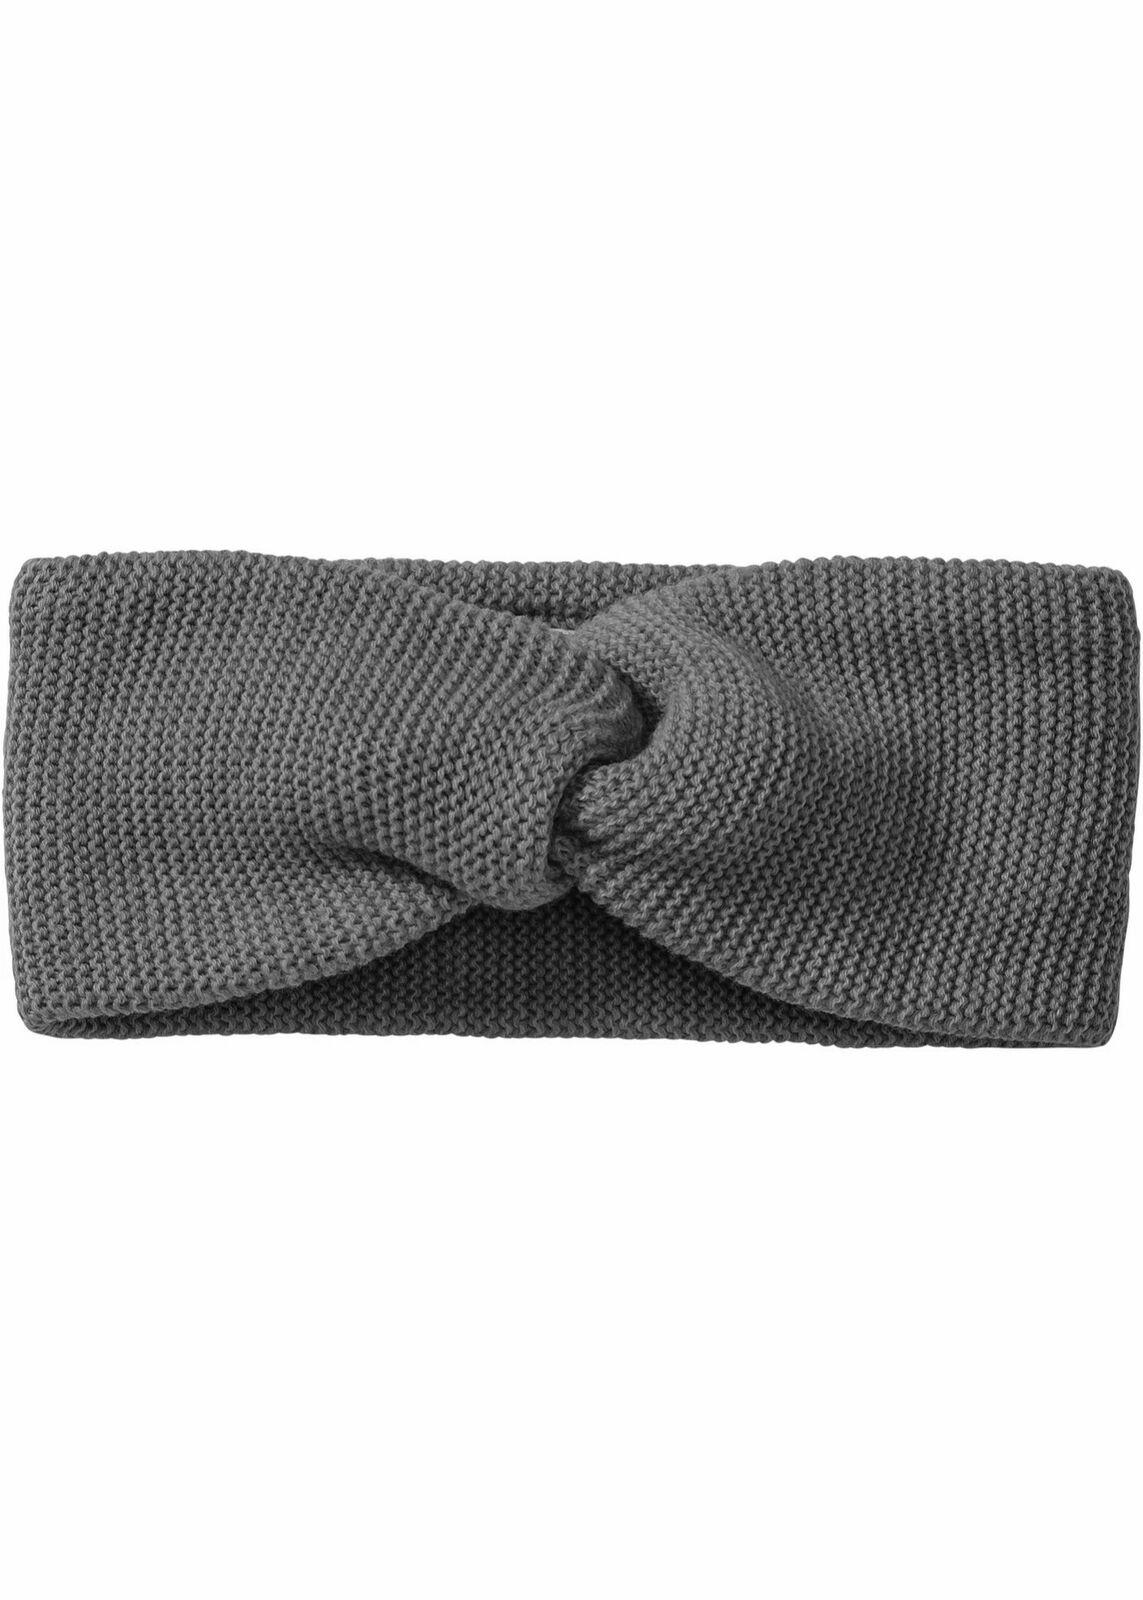 Cinta del pelo de cuerda grises jaspeadas señora accesorios nuevo